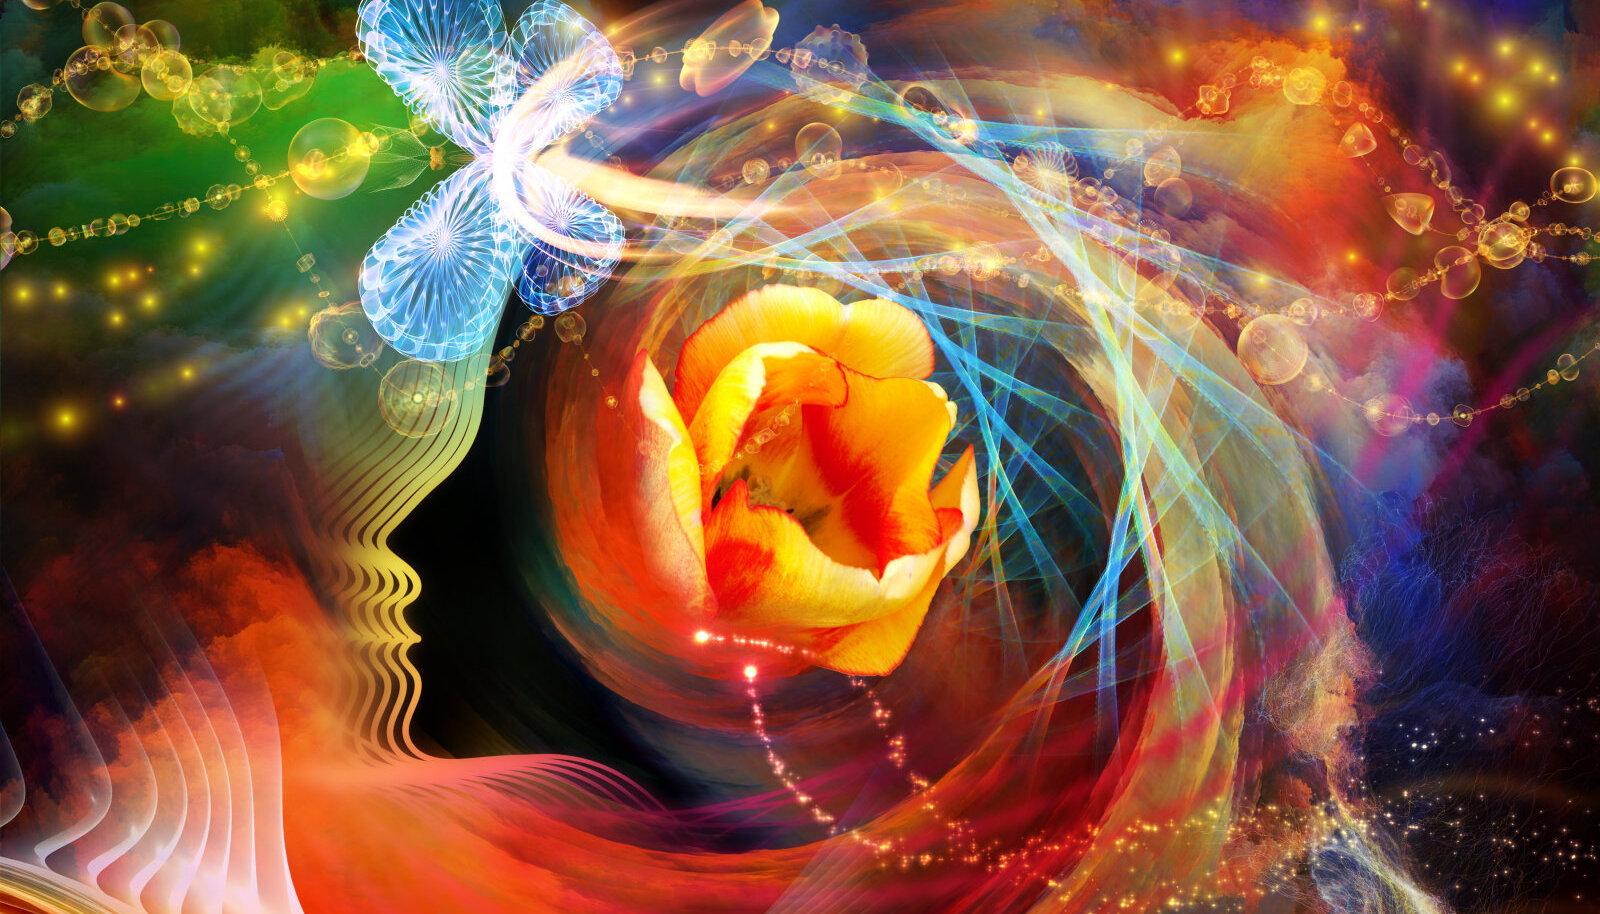 Spiritism nimetab hingeks mittemateriaalset ja individuaalset olendit, kes elab meis ning elab kauem meie kehast.